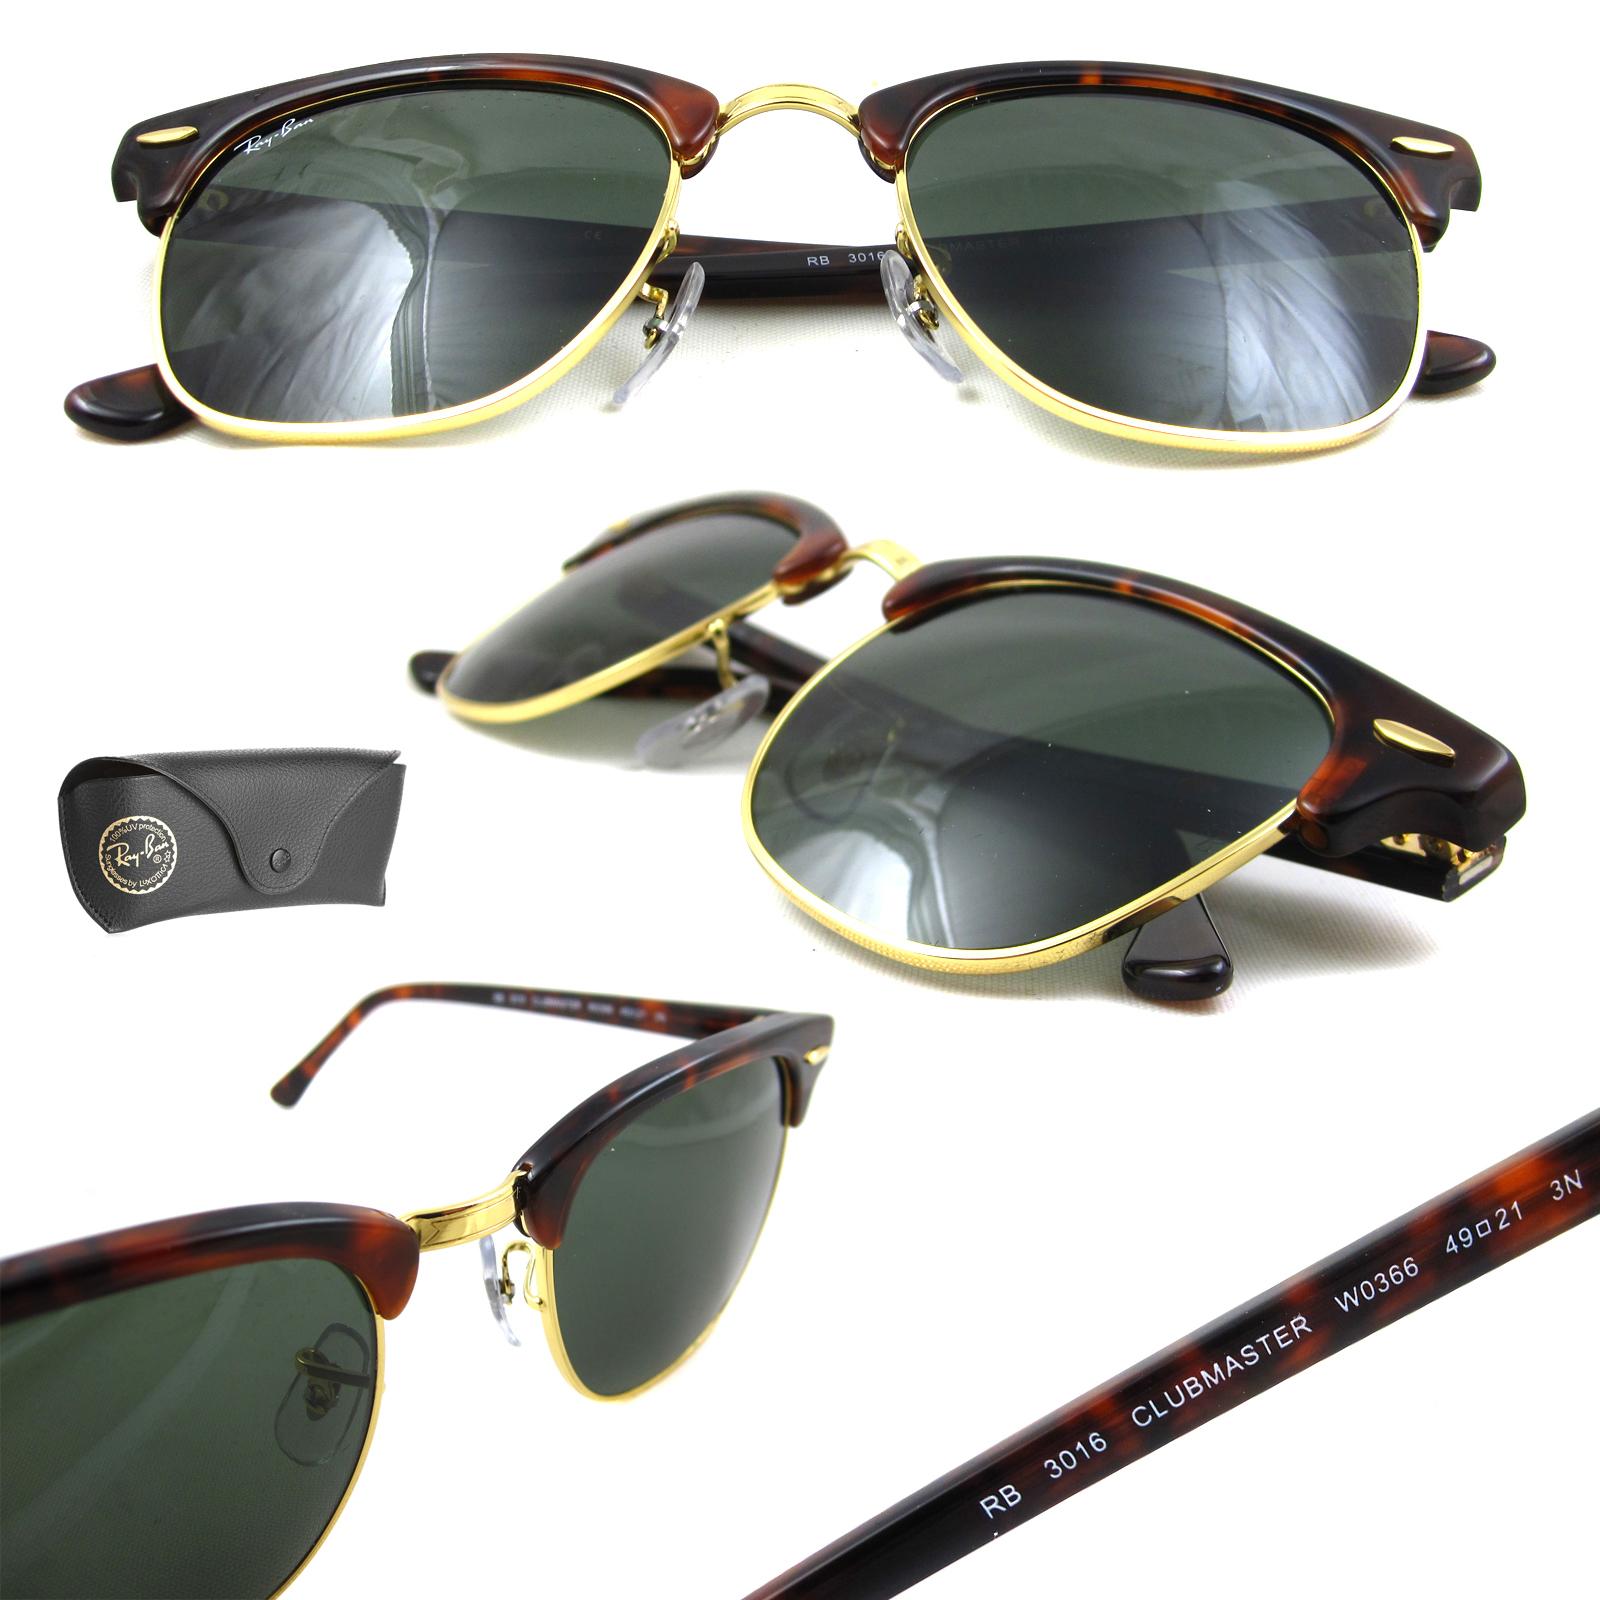 ray ban sonnenbrille bei ebay